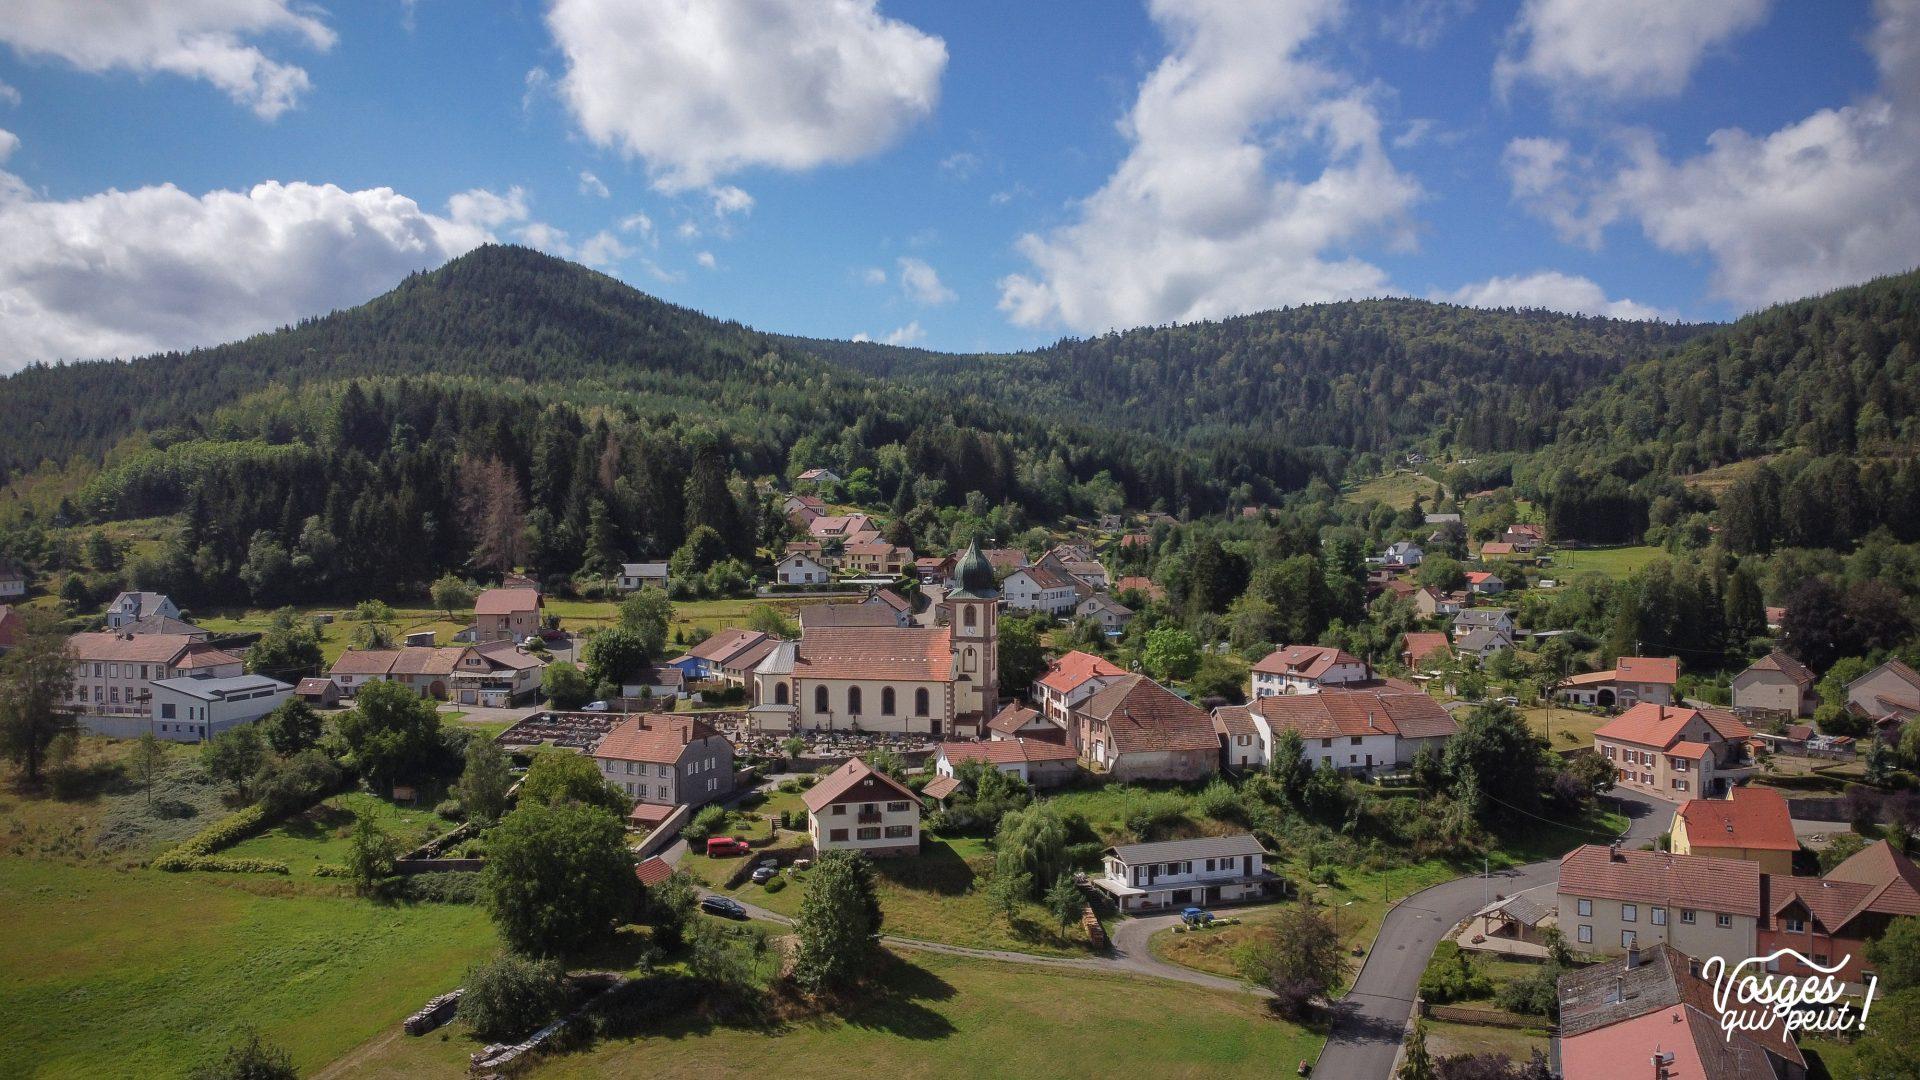 Vue aérienne de Saulxures dans la vallée de la Bruche